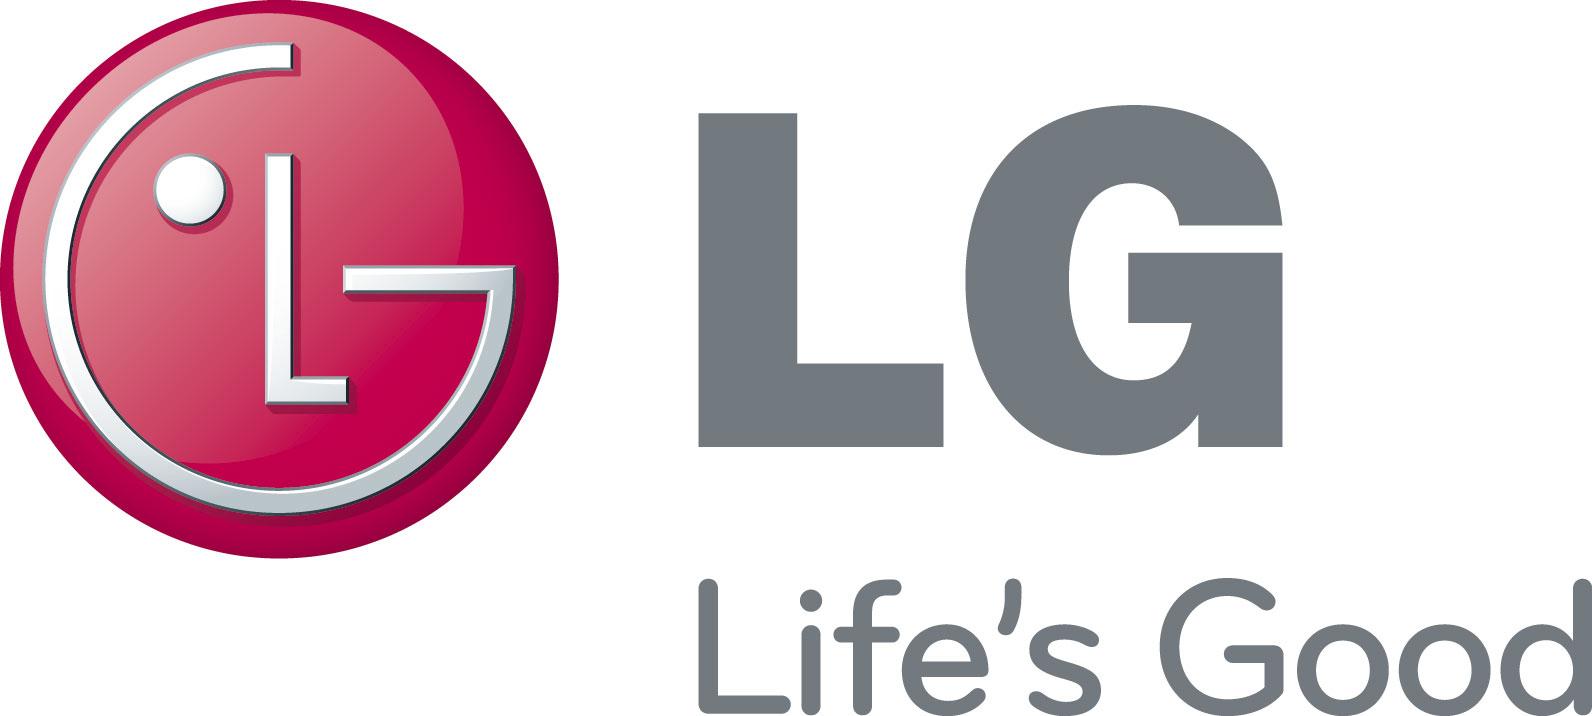 Al MWC 2013 nuovi modelli LG confermati